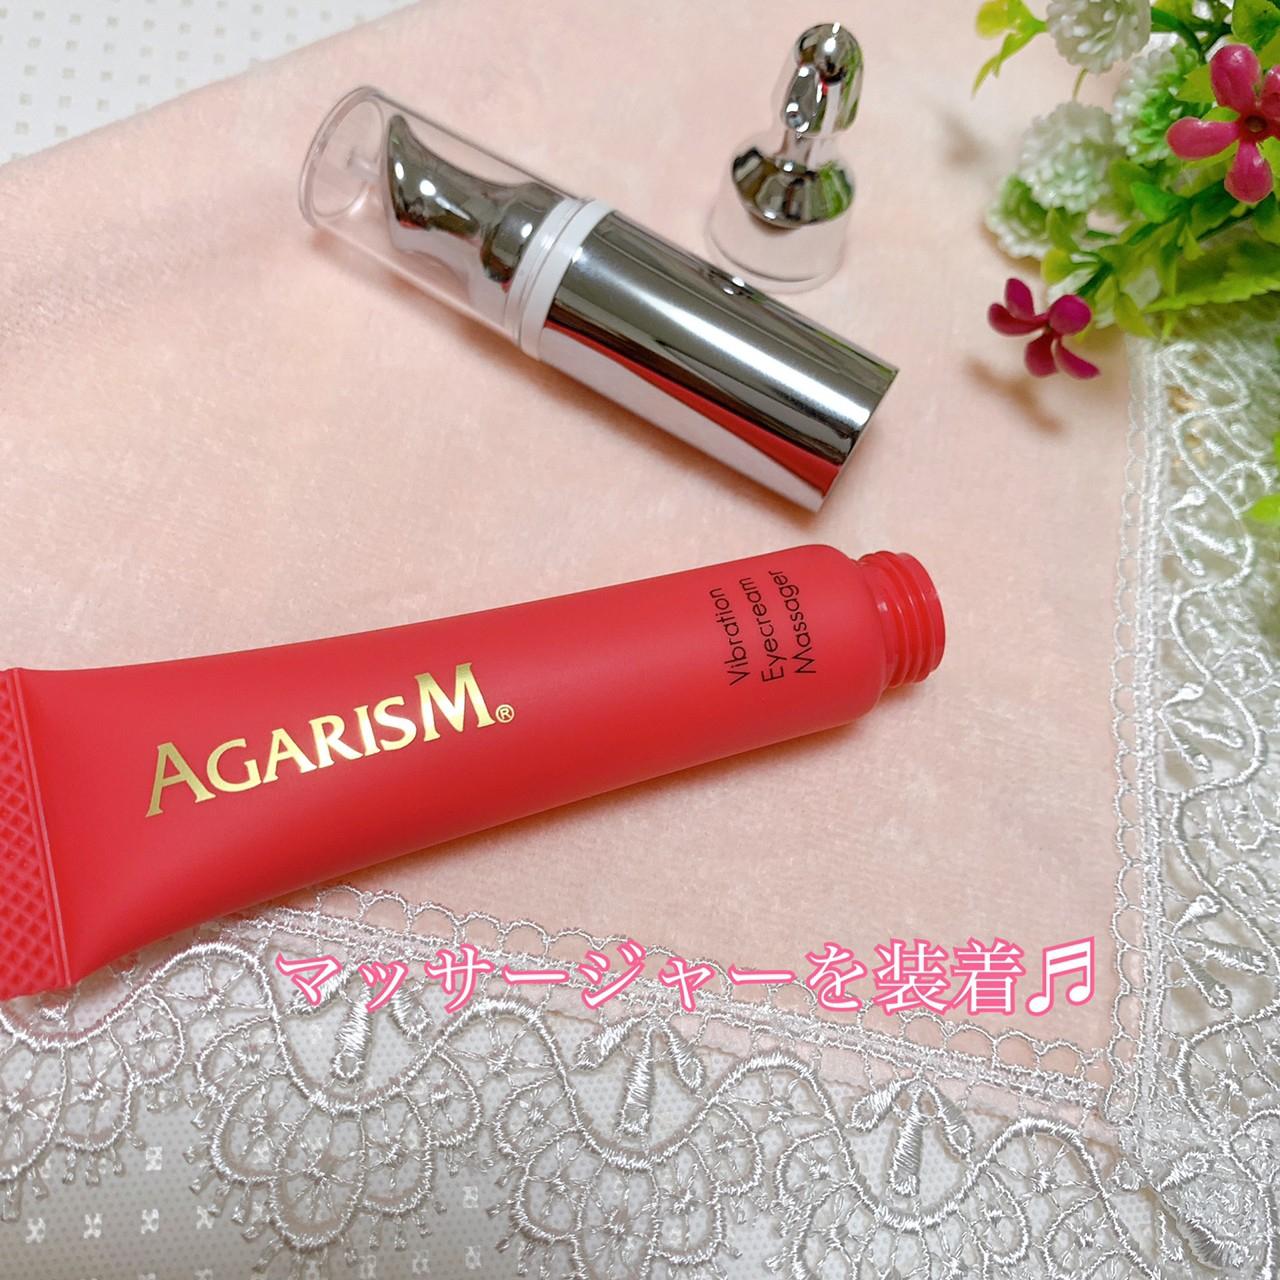 AGARISM(アガリズム) アイキュットマッサージャークリームの良い点・メリットに関するkana_cafe_timeさんの口コミ画像1